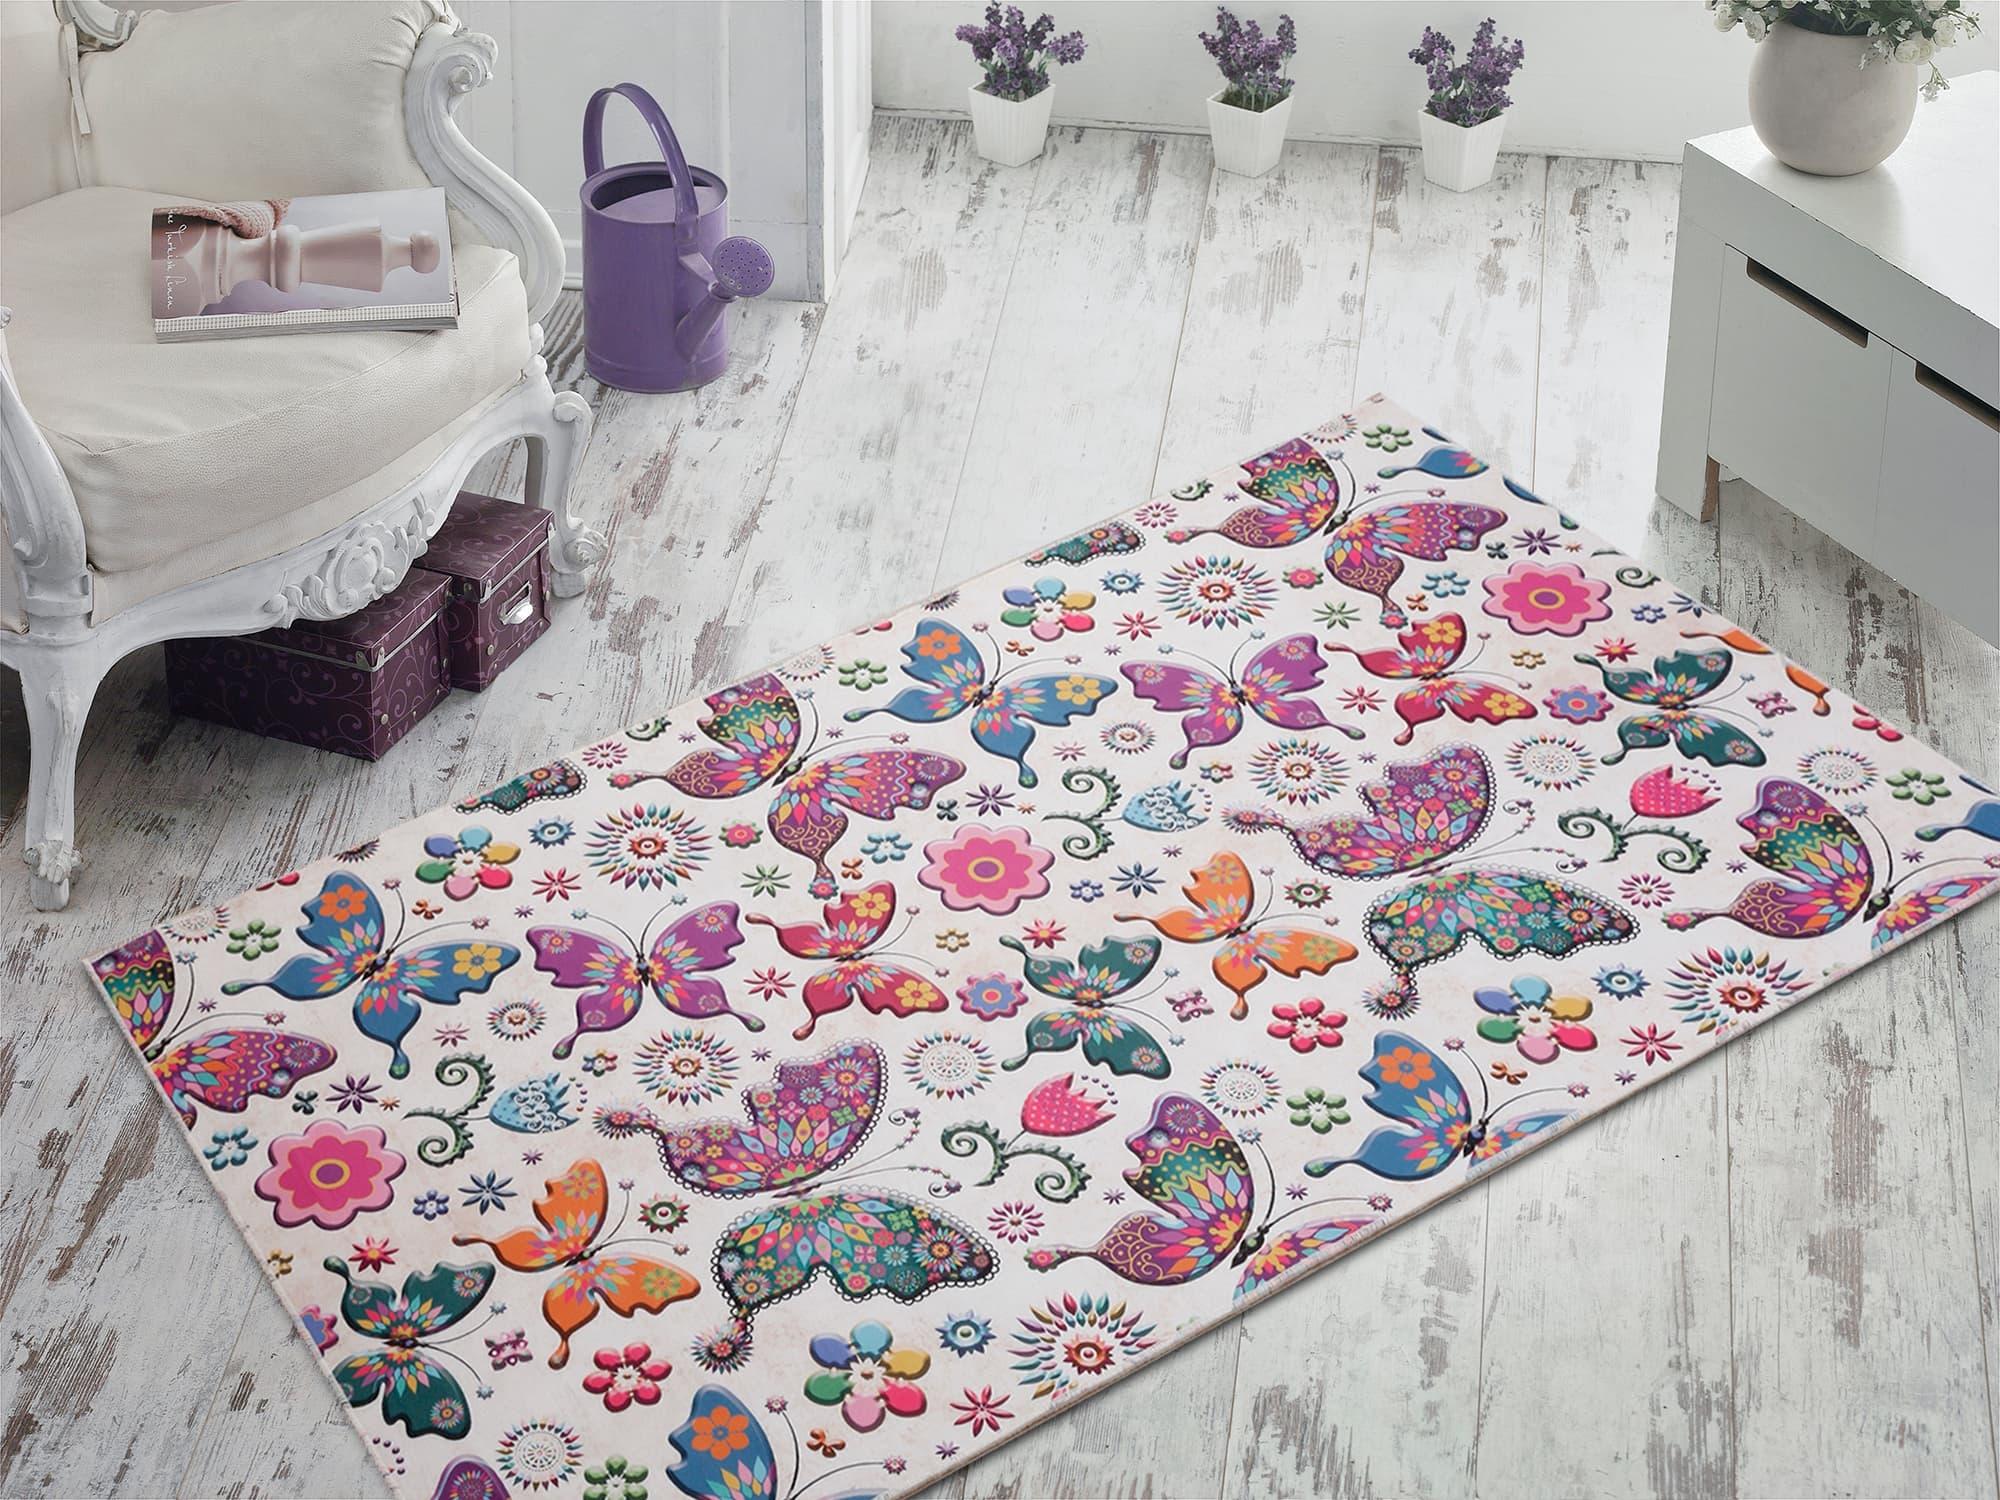 Covor pentru copii Butterfly 2008 Multicolor, 80 x 120 cm imagine